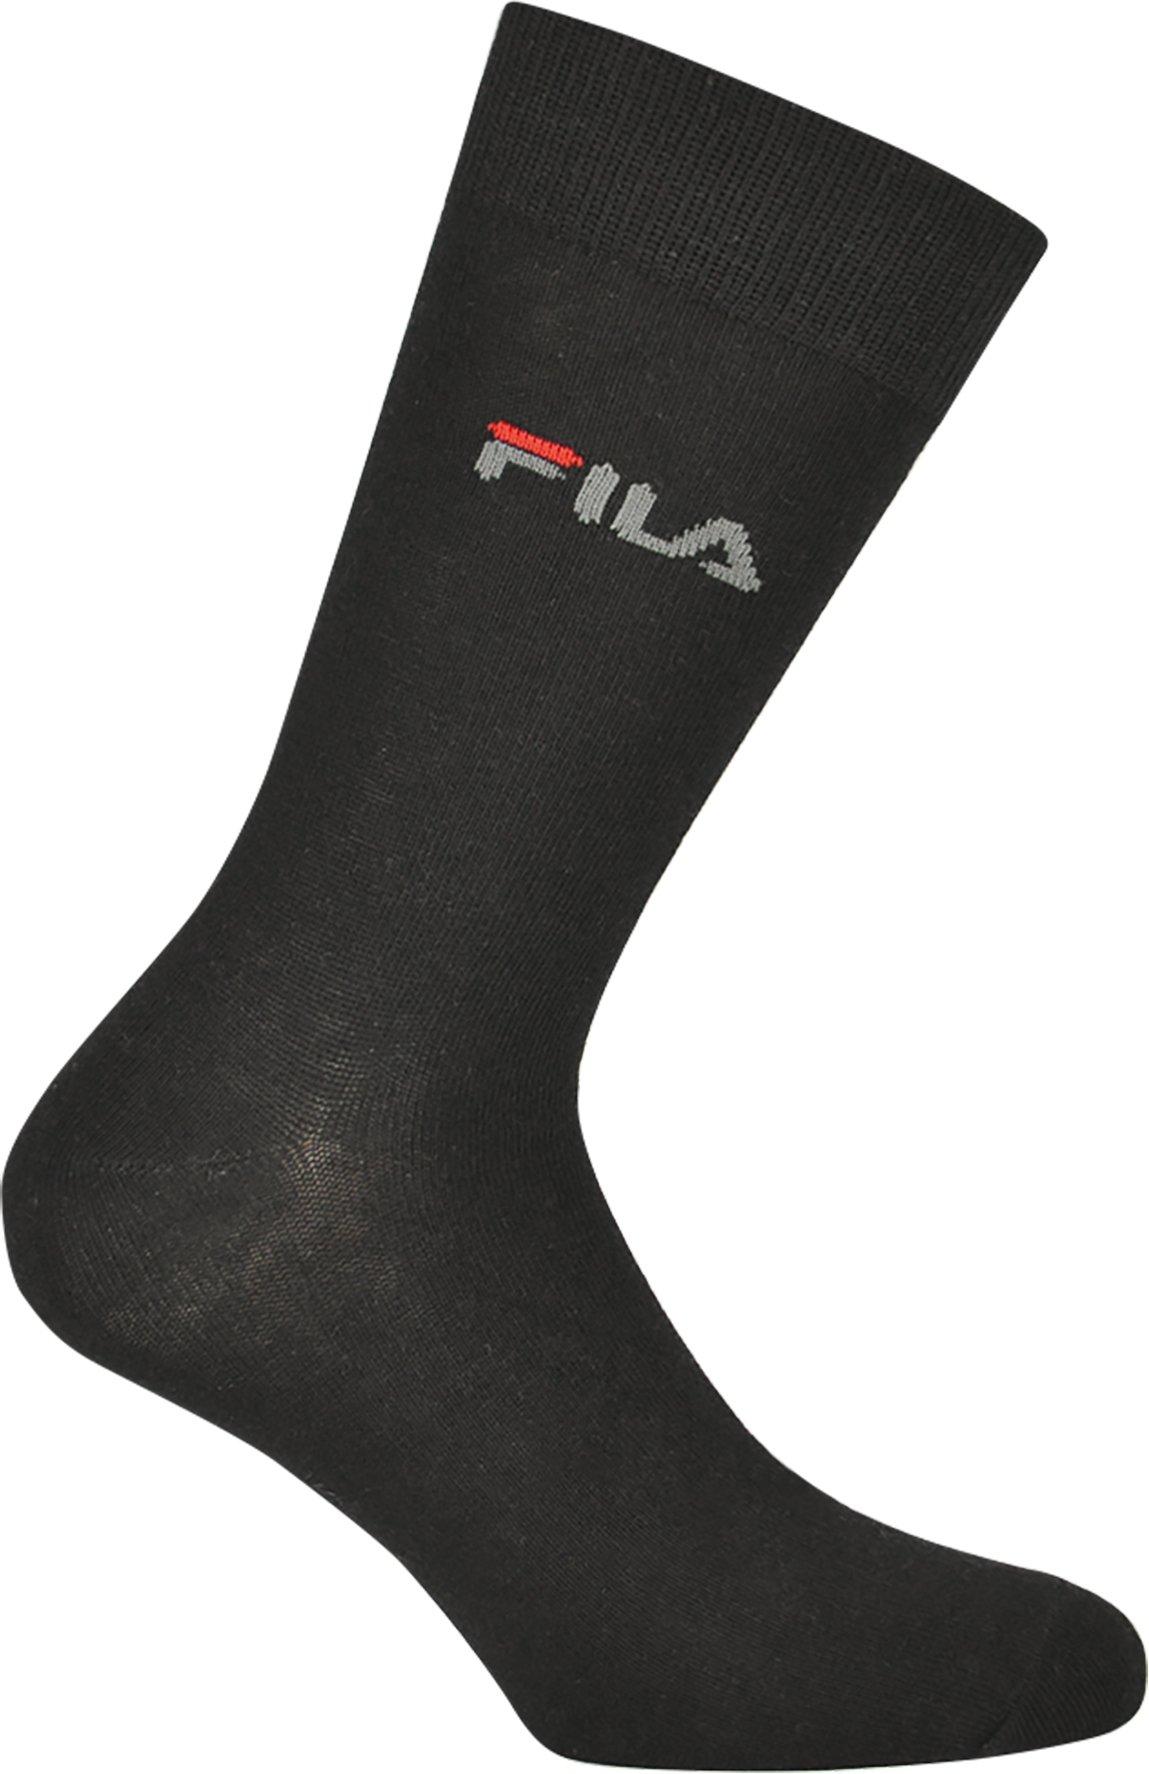 Fila Calza Socks (3 pack)